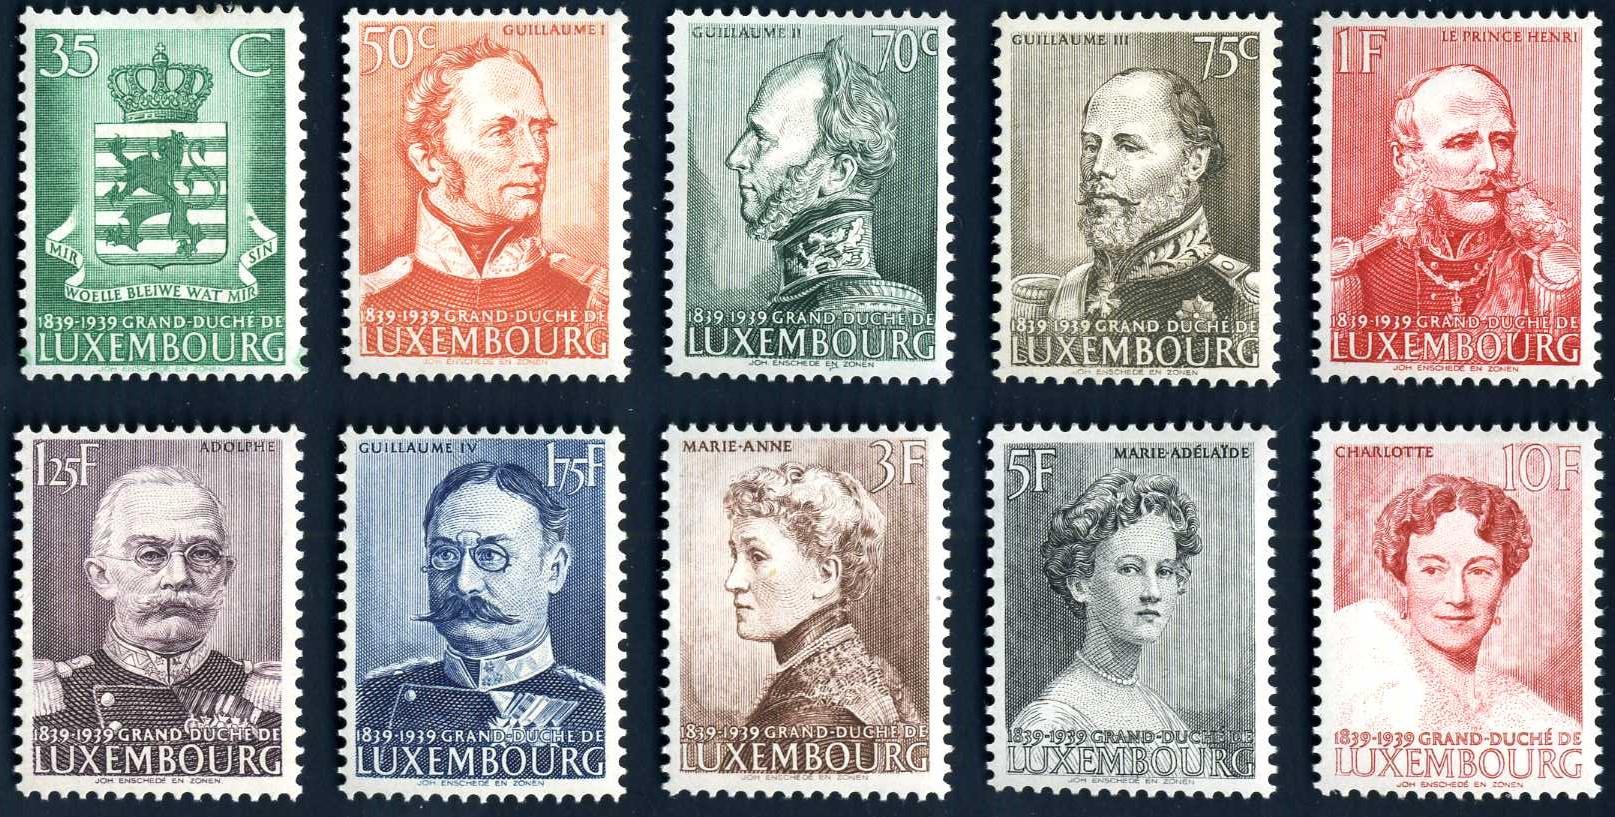 LU 158 1939 100 J. Luxemburg Satz.jpg